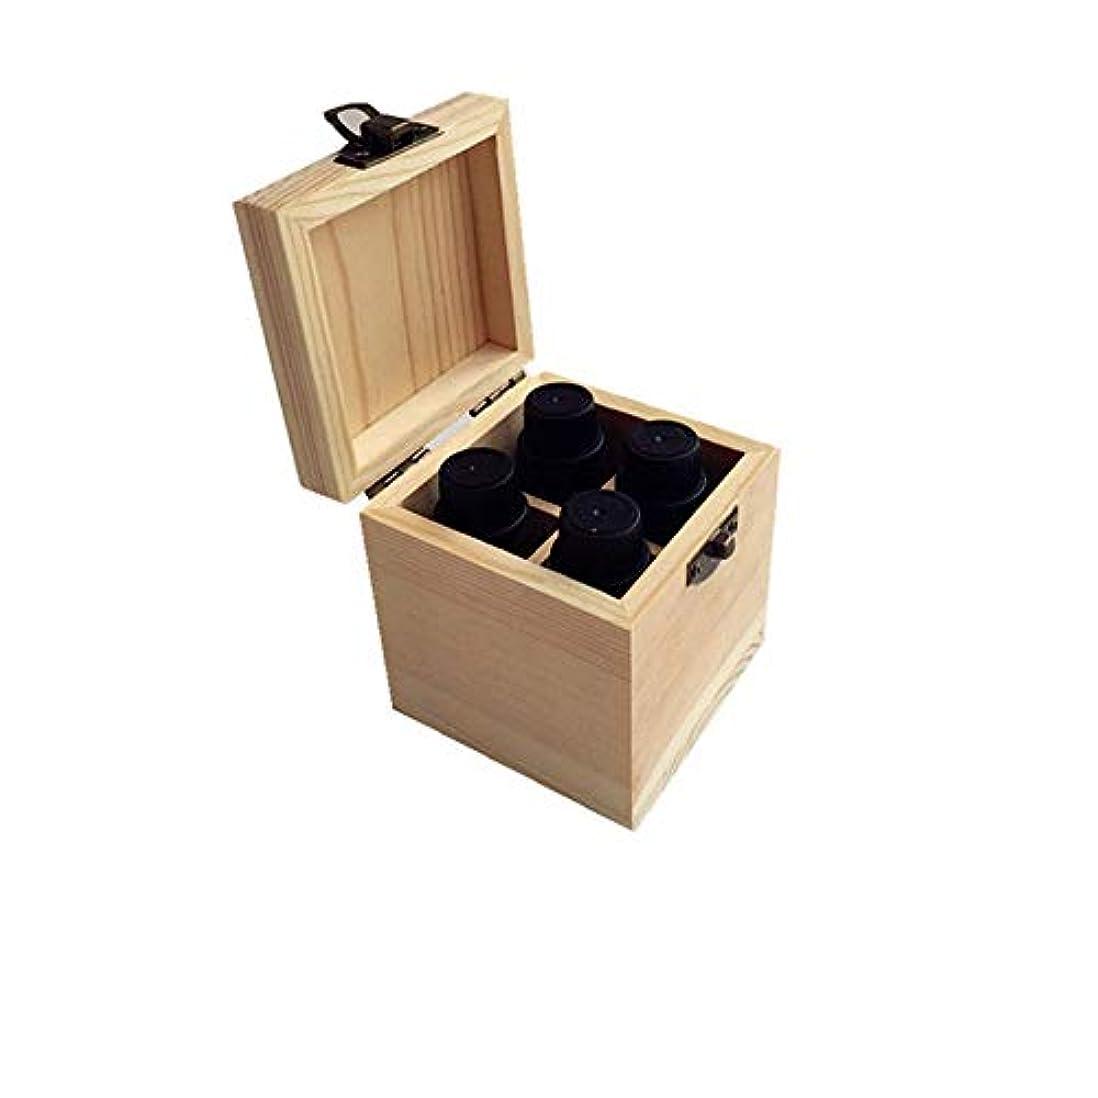 出席伝染性後ろ、背後、背面(部エッセンシャルオイルボックス あなたの耐久性を保護するために、4スロット品質の木製精油収納ボックス アロマセラピー収納ボックス (色 : Natural, サイズ : 8X8X9CM)